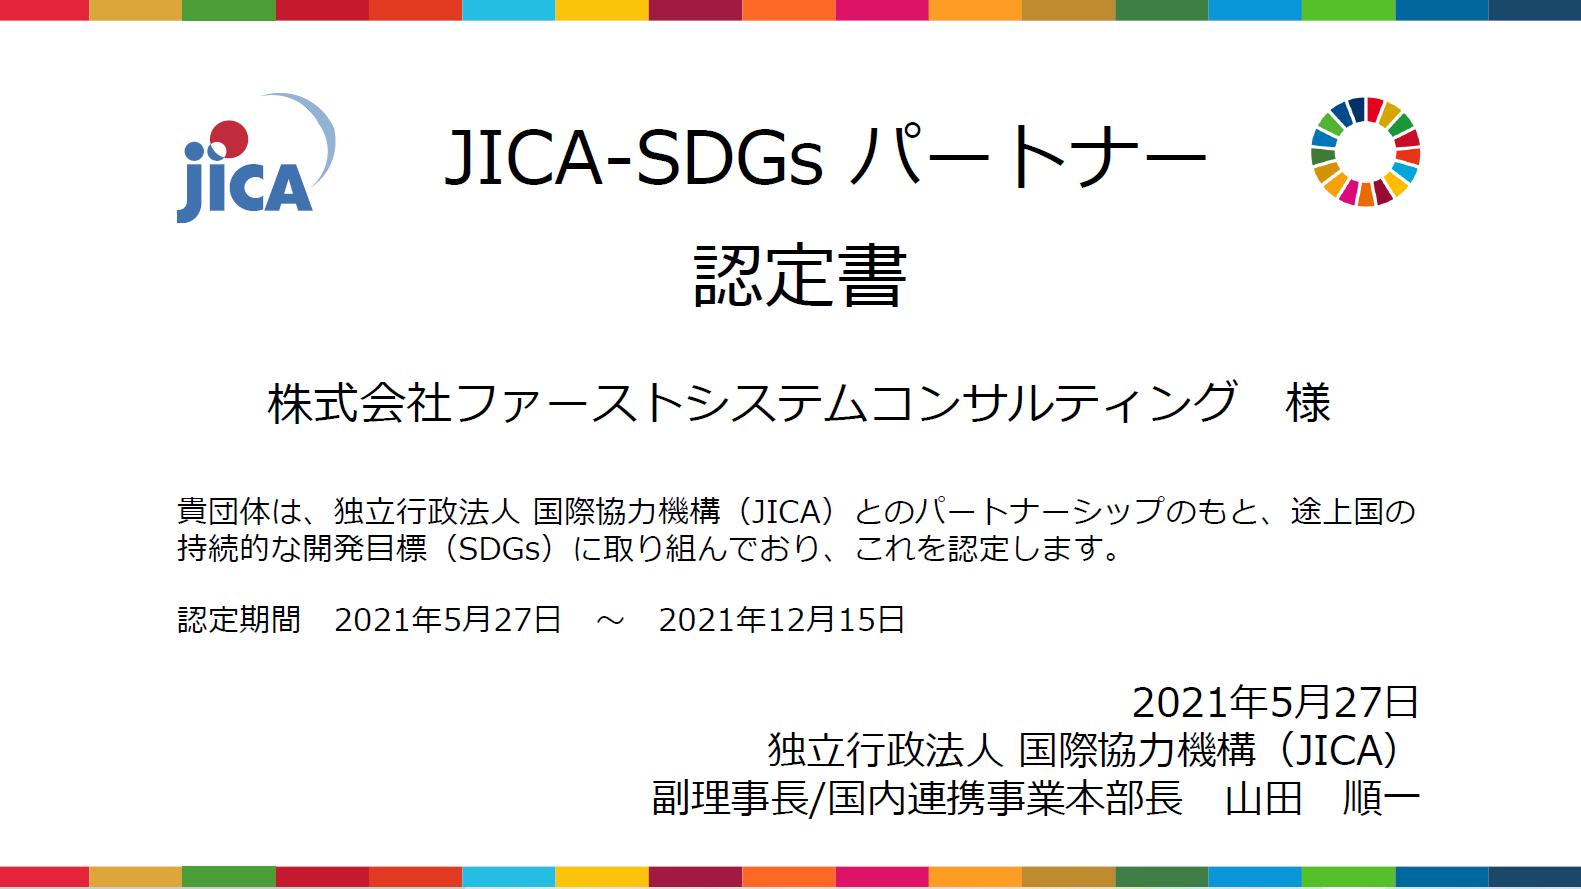 JICA-SDGs パートナー認定書